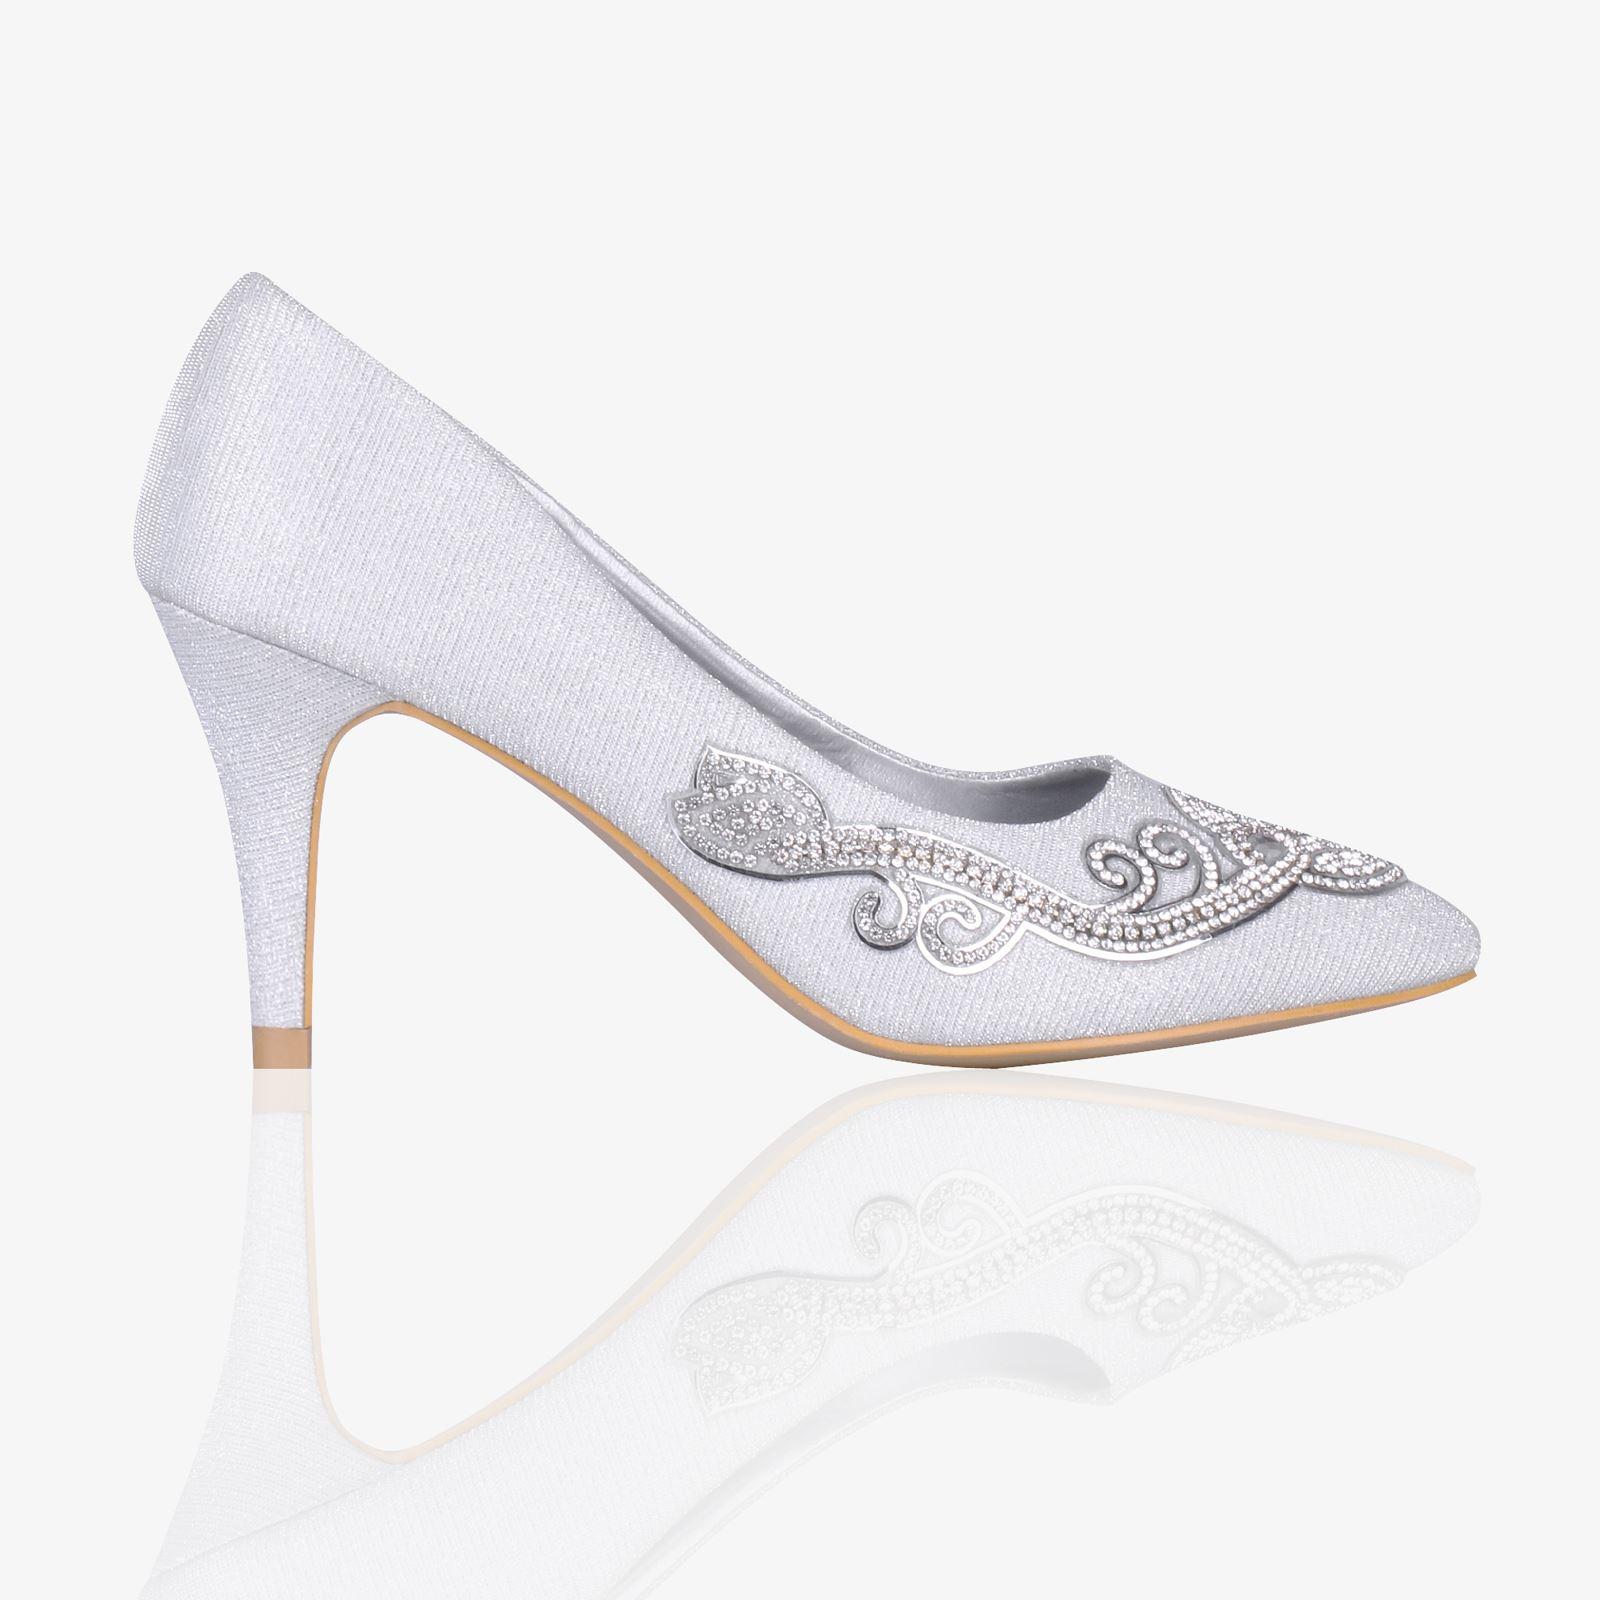 Zapatos-Tacon-Mujer-Fiesta-Aguja-Barato-Brillante-Baile-Comodo-Talla-Comodo-2018